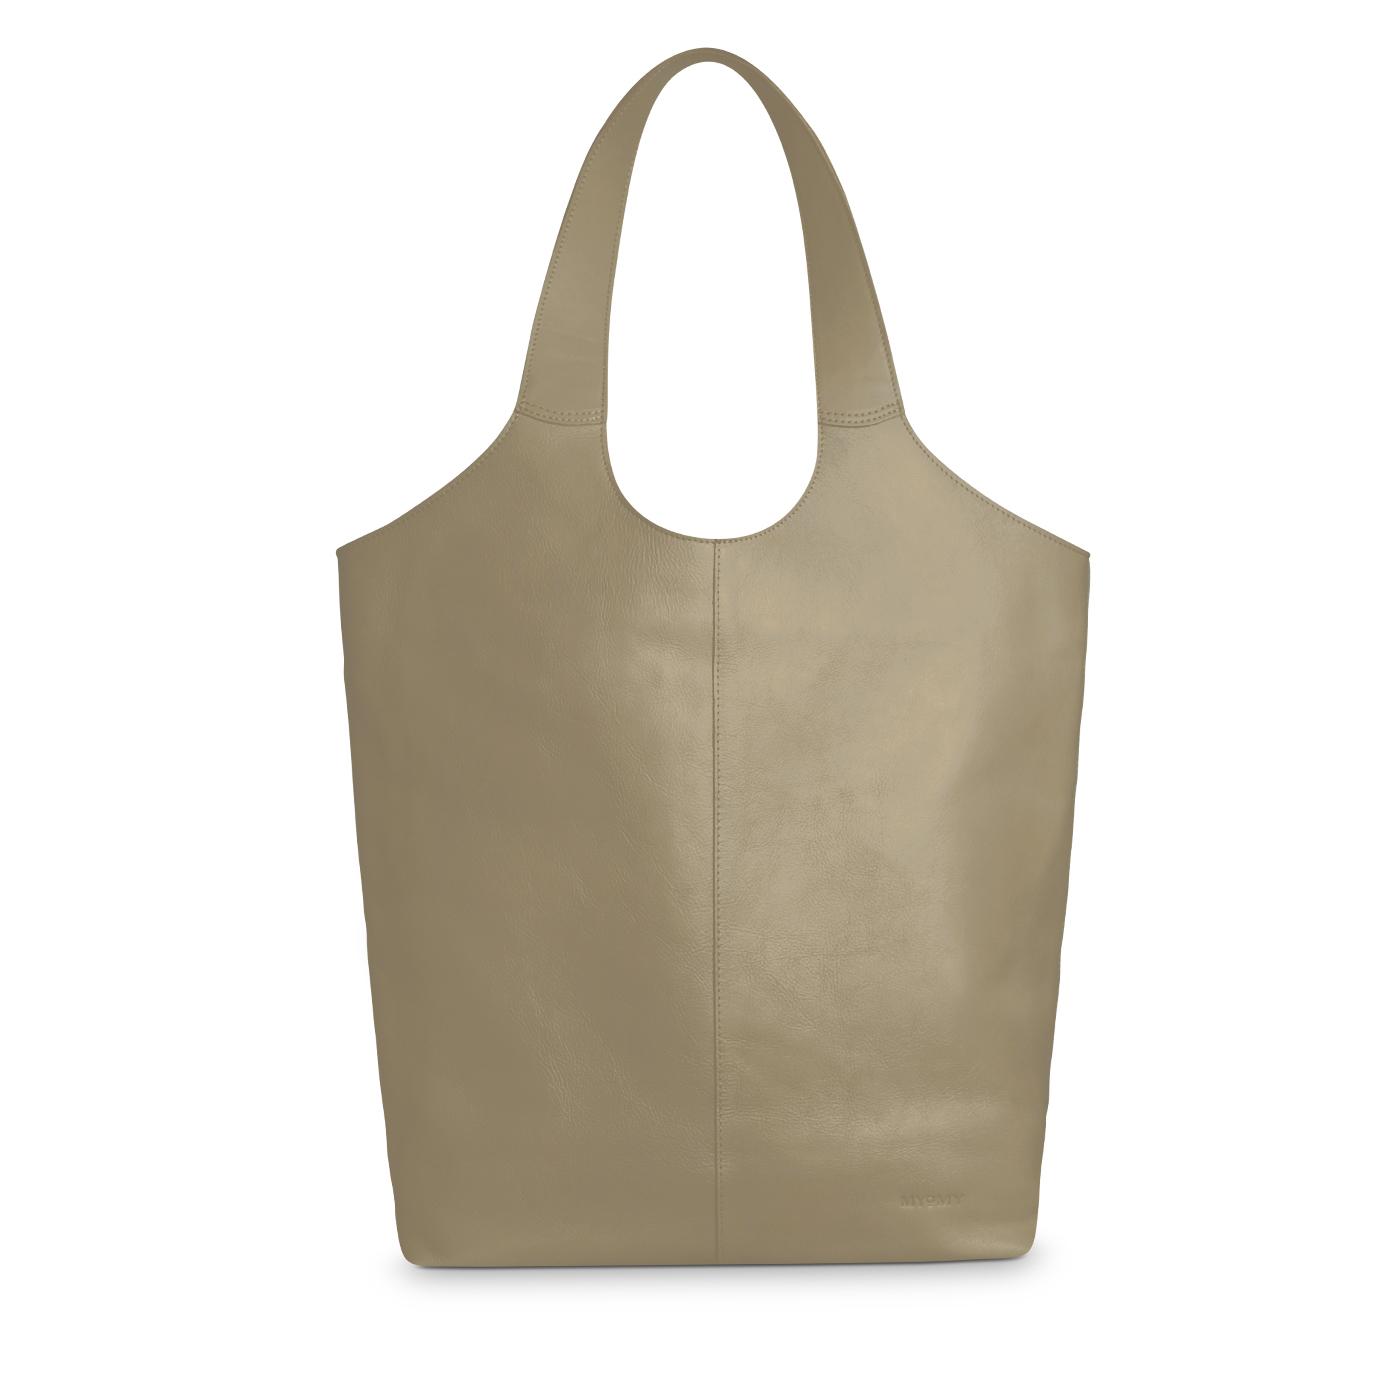 De my sarah bag shopper is een grote tas met veel ruimte en is te herkennen aan zijn vrouwelijke lijnen en ...